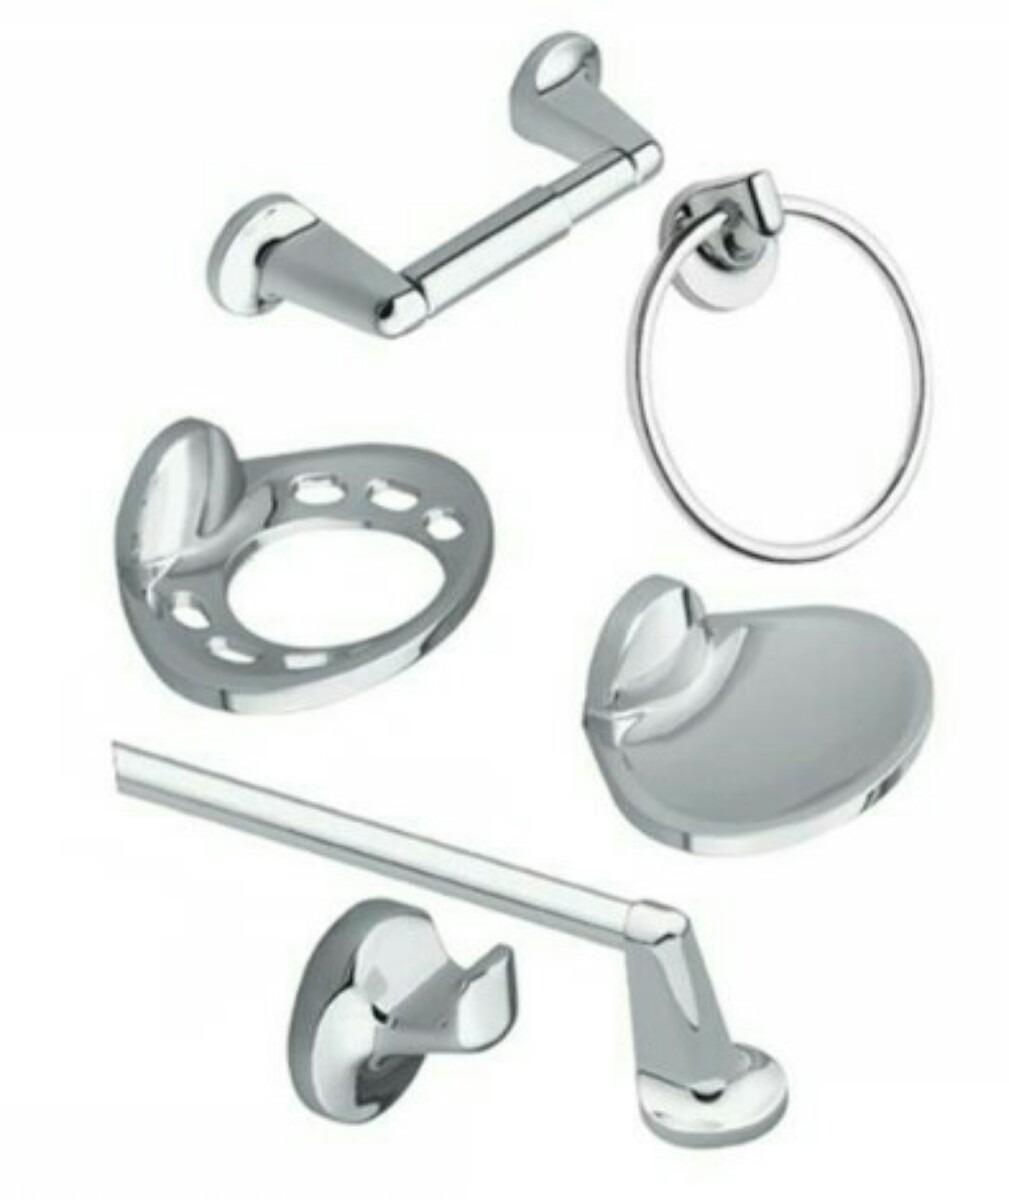 Juegos de accesorios para sala de ba os cromados 6 piezas for Juego accesorios bano